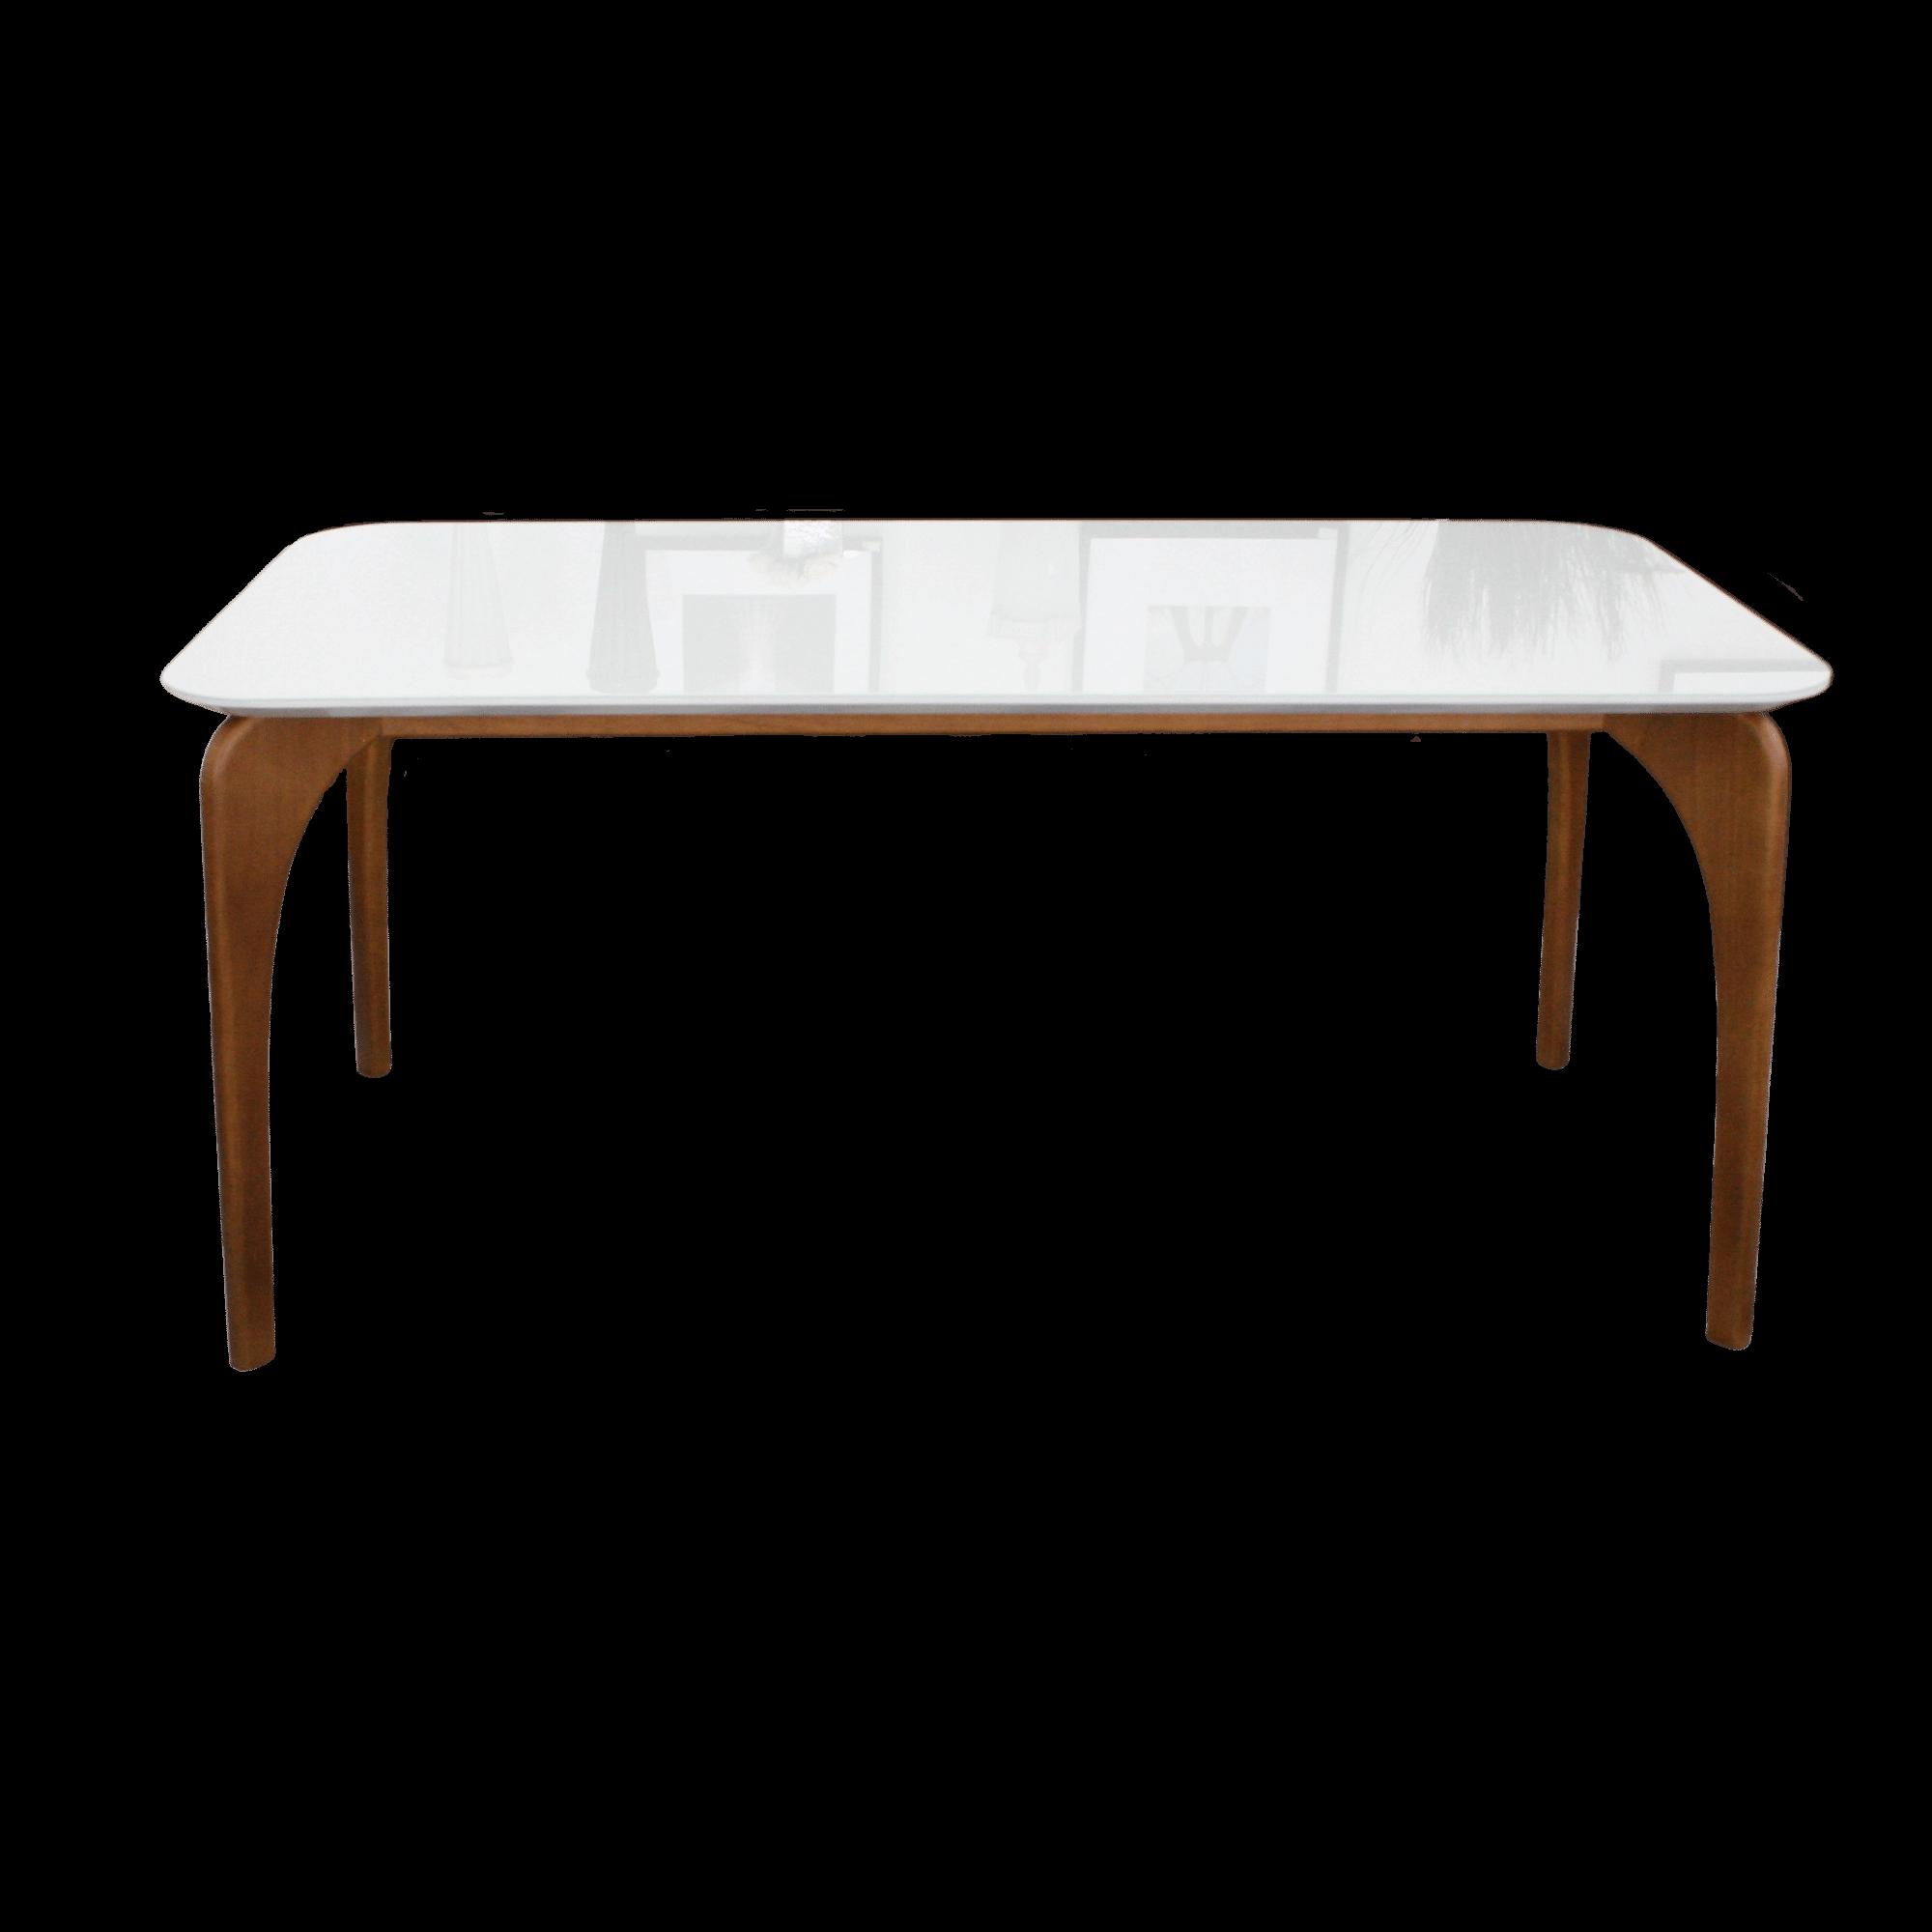 Mesa de Jantar 6 Cadeiras Lugares Europa 160 cm x 90 cm